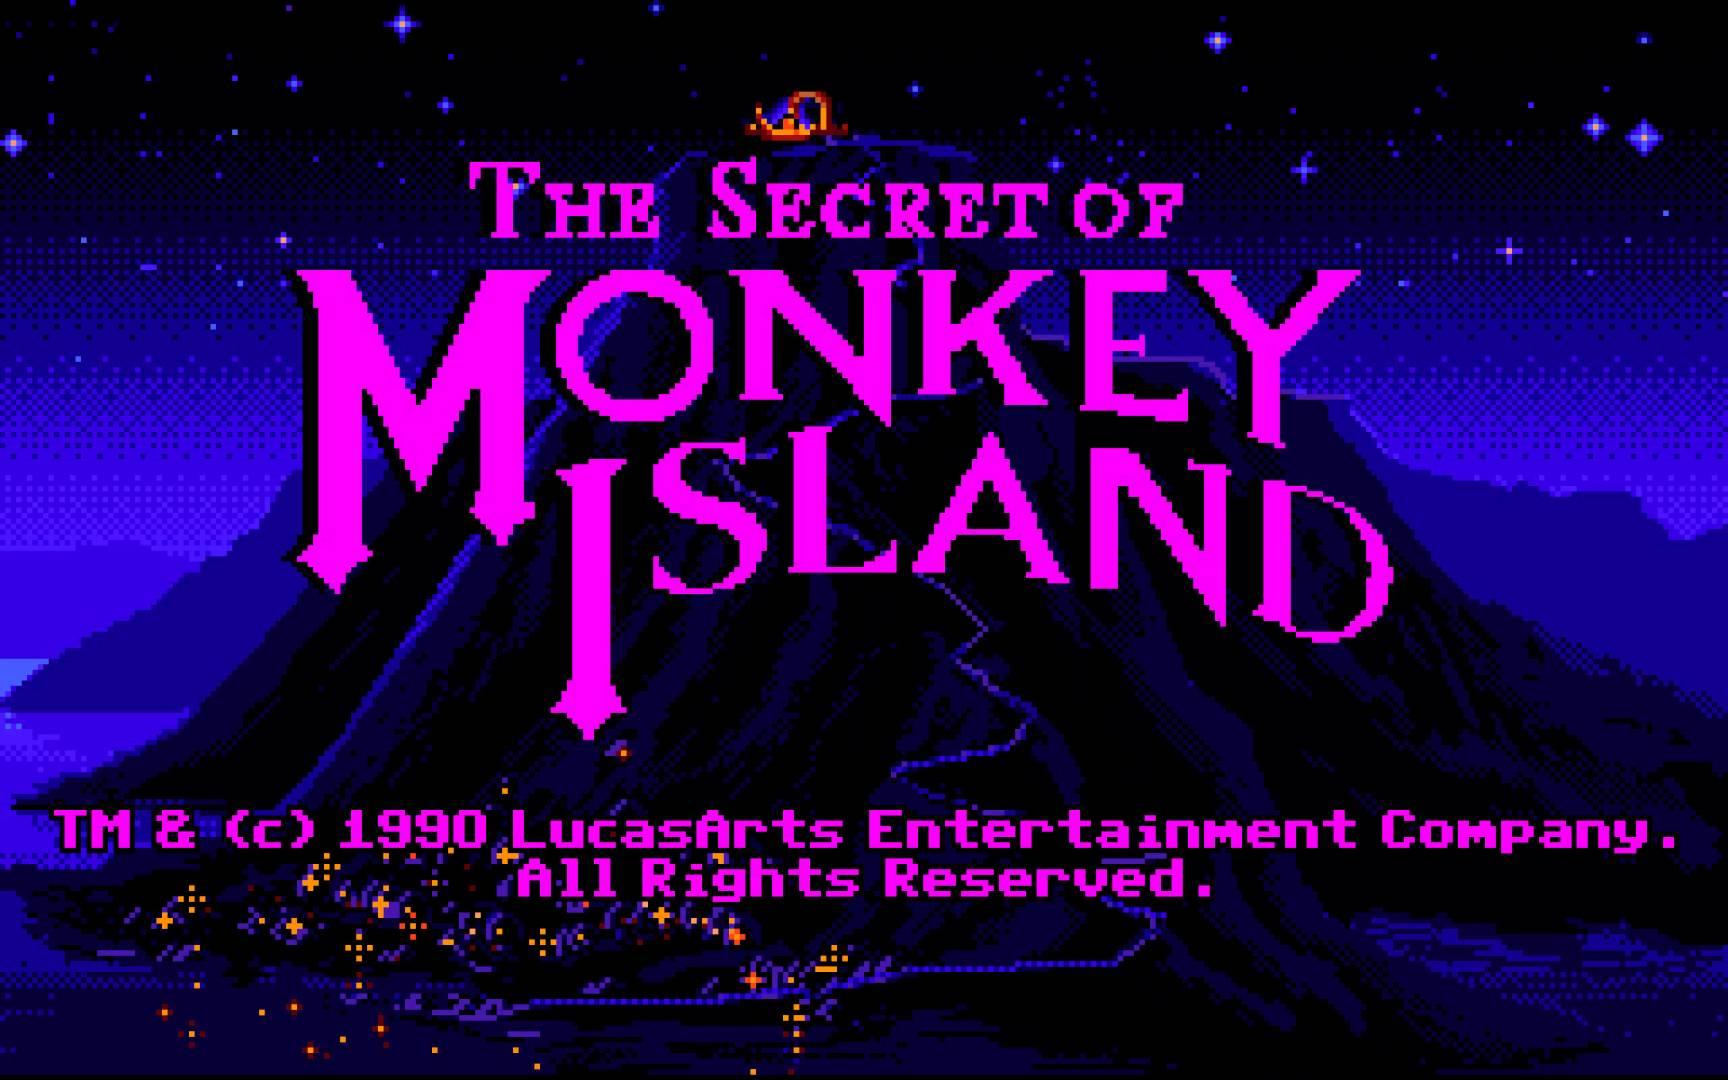 Buon compleanno The Secret of Monkey Island - IlVideogioco.com